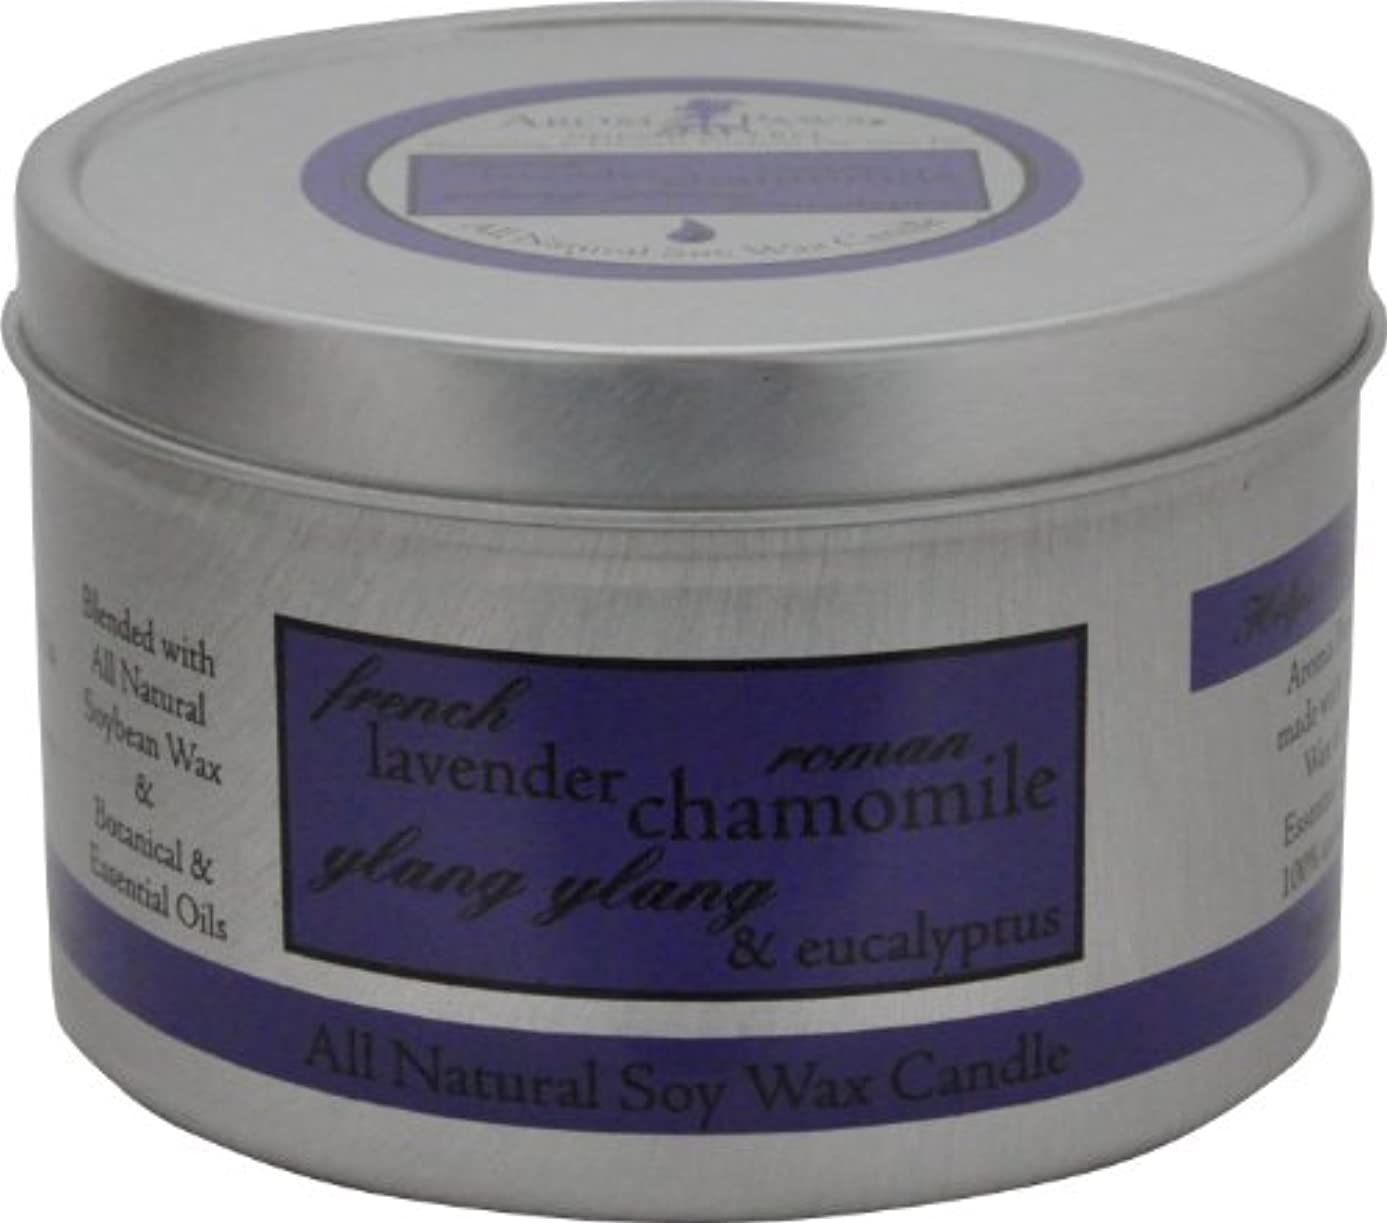 会話早熟局Aroma Paws Travel Tin Candle, 8-Ounce, Lavender Chamomile by Aroma Paws